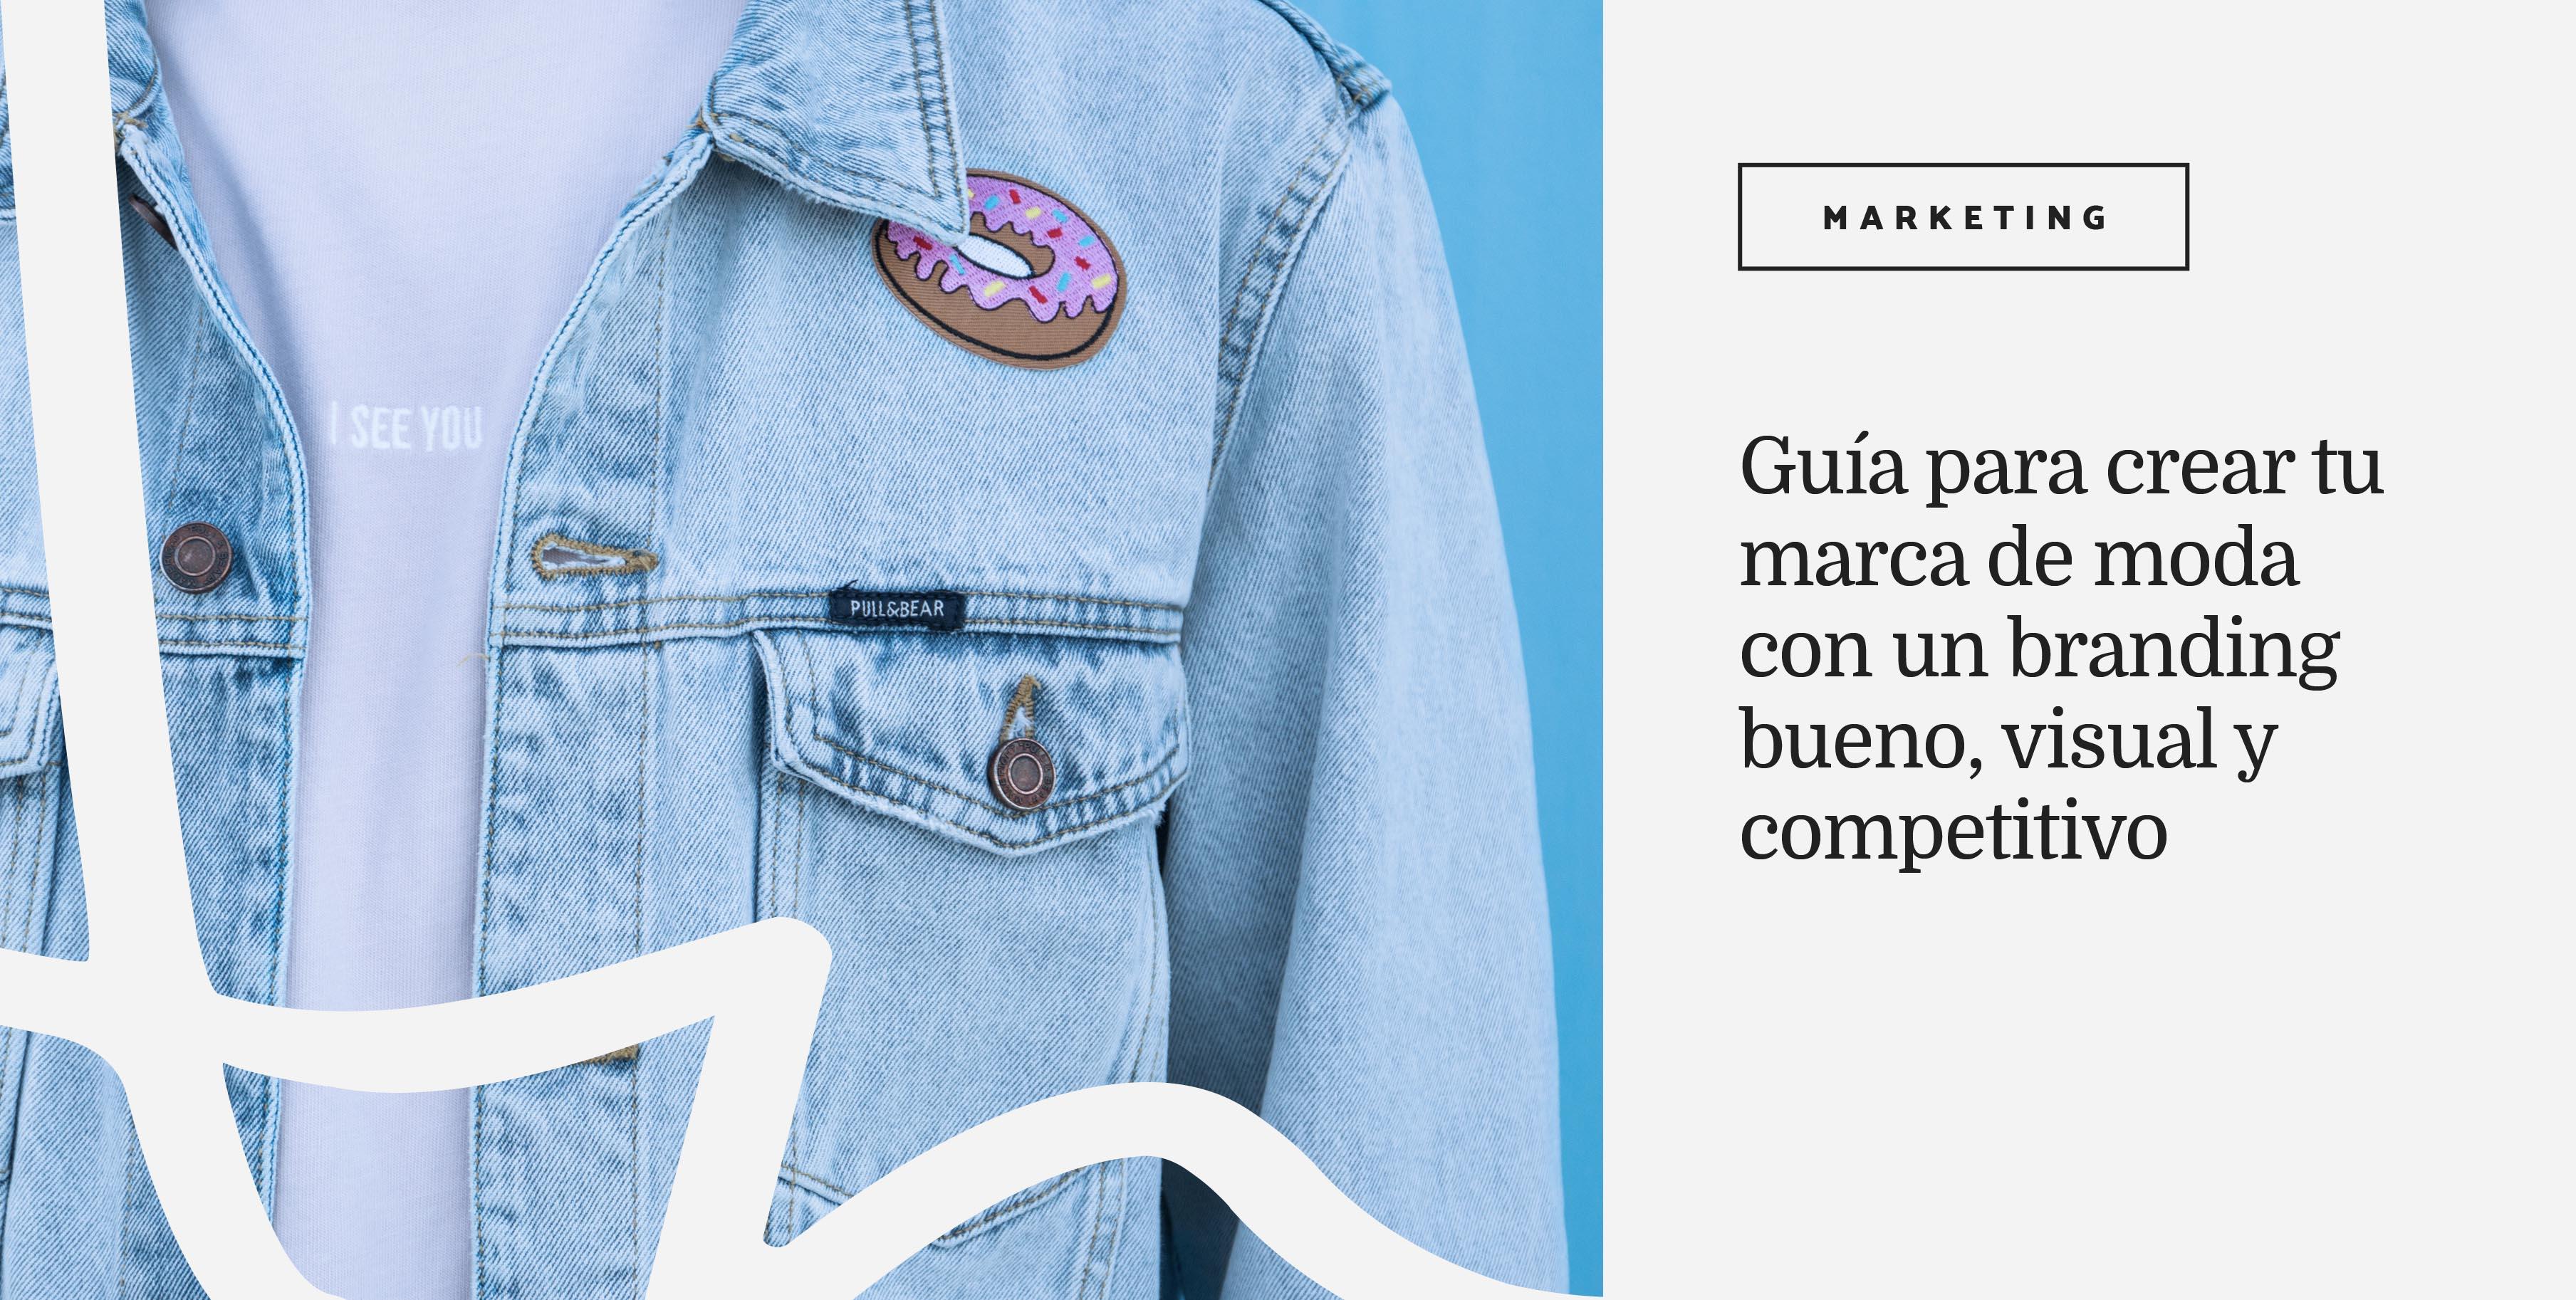 guia-para-crear-marca-moda-Ana-Diaz-del-Rio-Portada